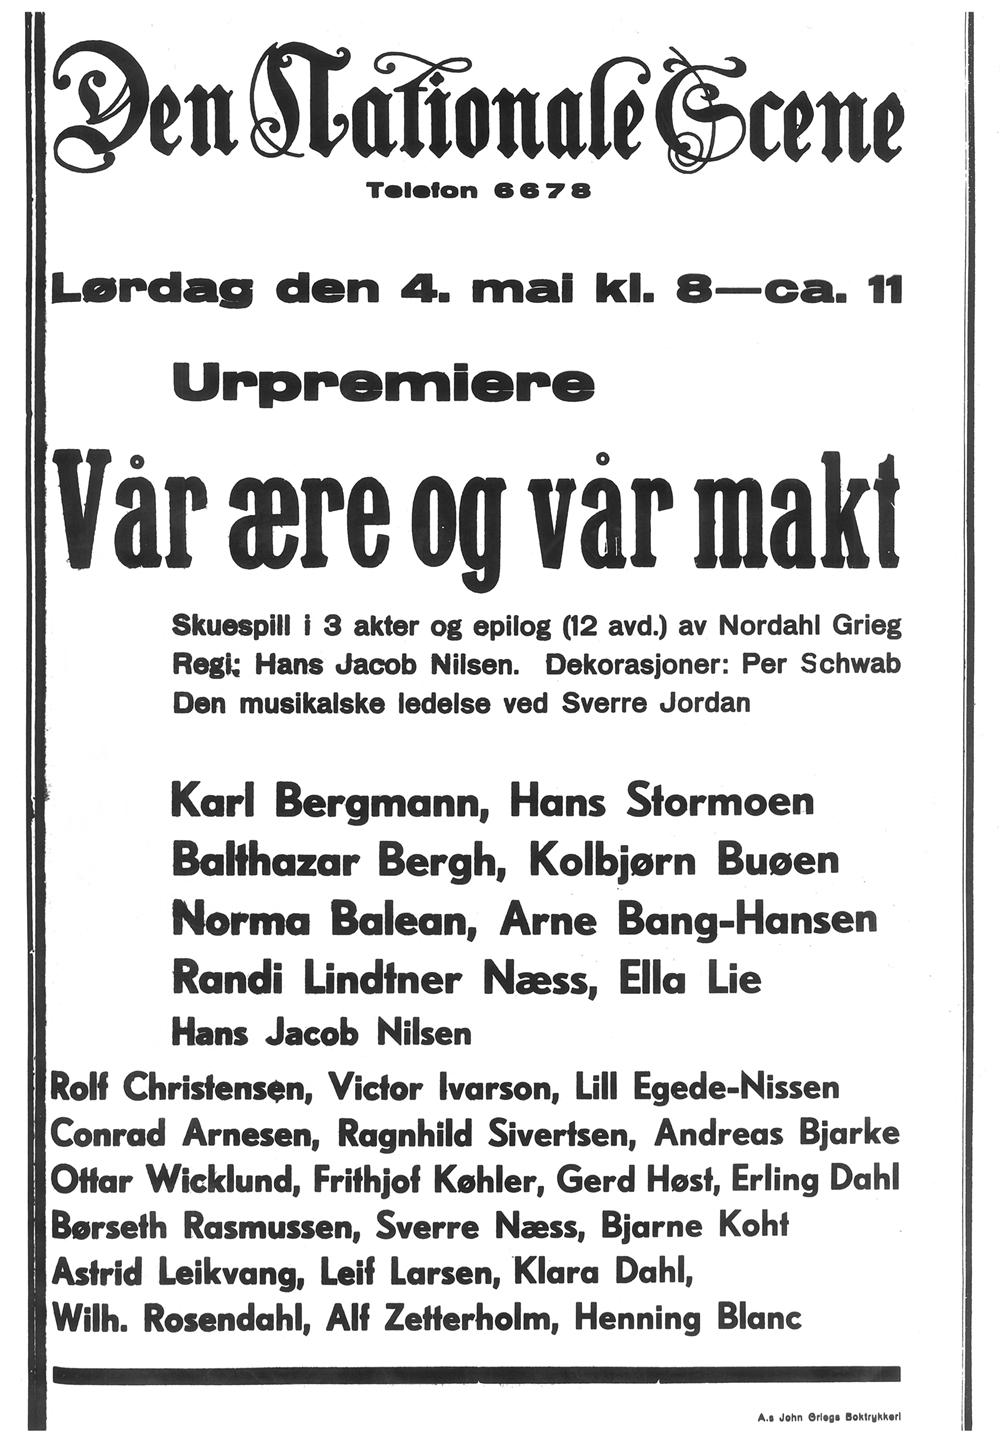 Plakat fra urpremieren av Nordahl Griegs stykke i 1935. Kunstplakaten var ennå ikke etablert på Den Nationale Scene. Plakaten skulle formidle tid, sted og personnavn.